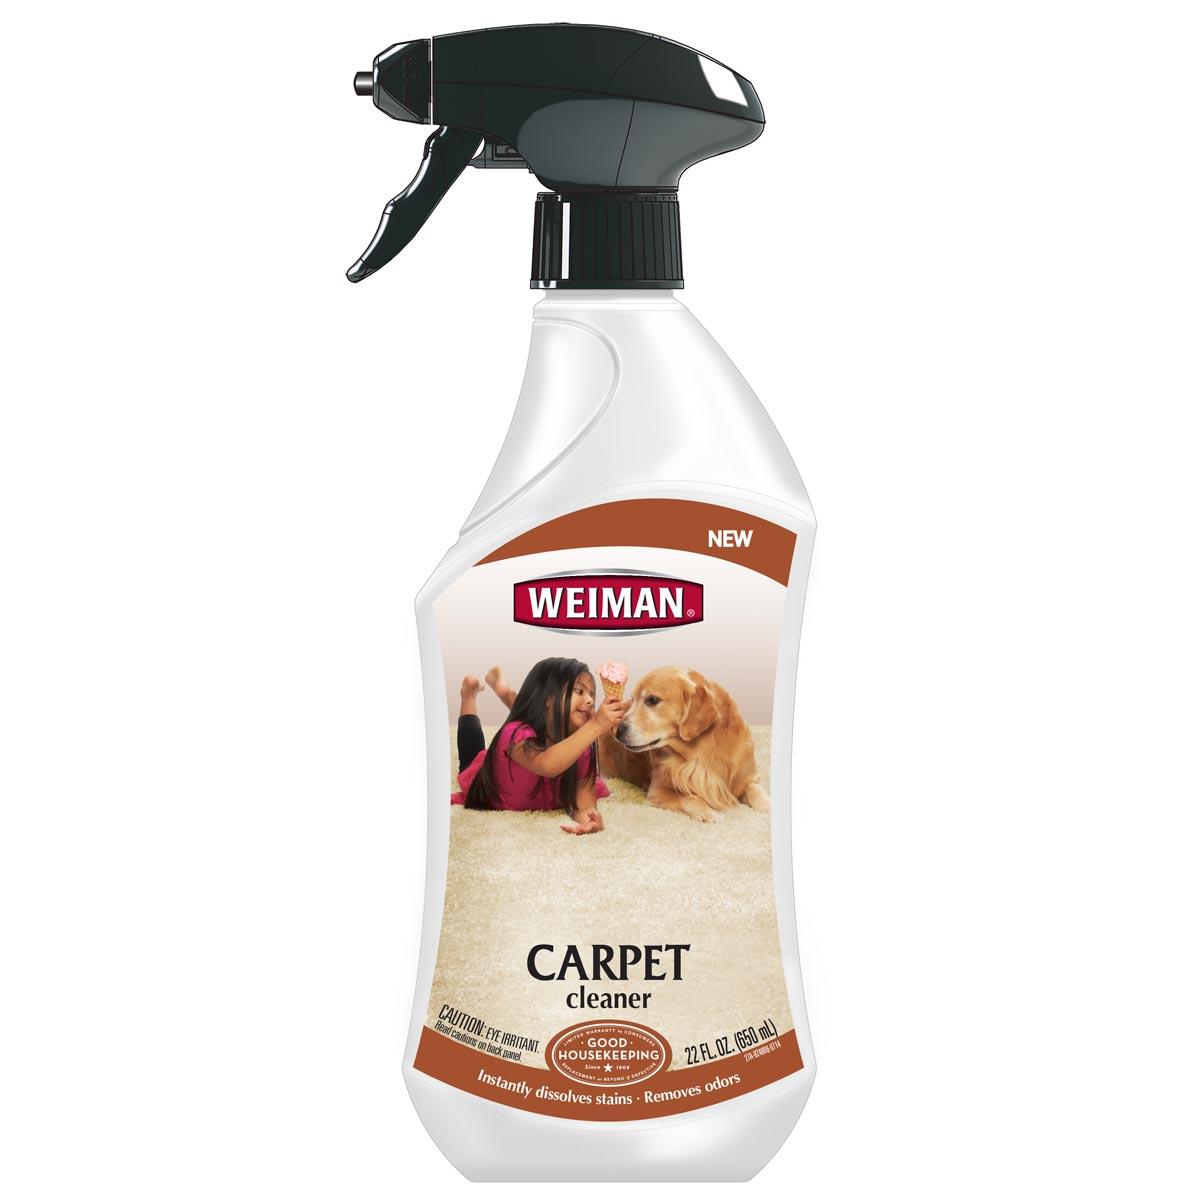 https://googone.com/media/catalog/product/w/e/weiman-carpet-cleaner_front.jpg